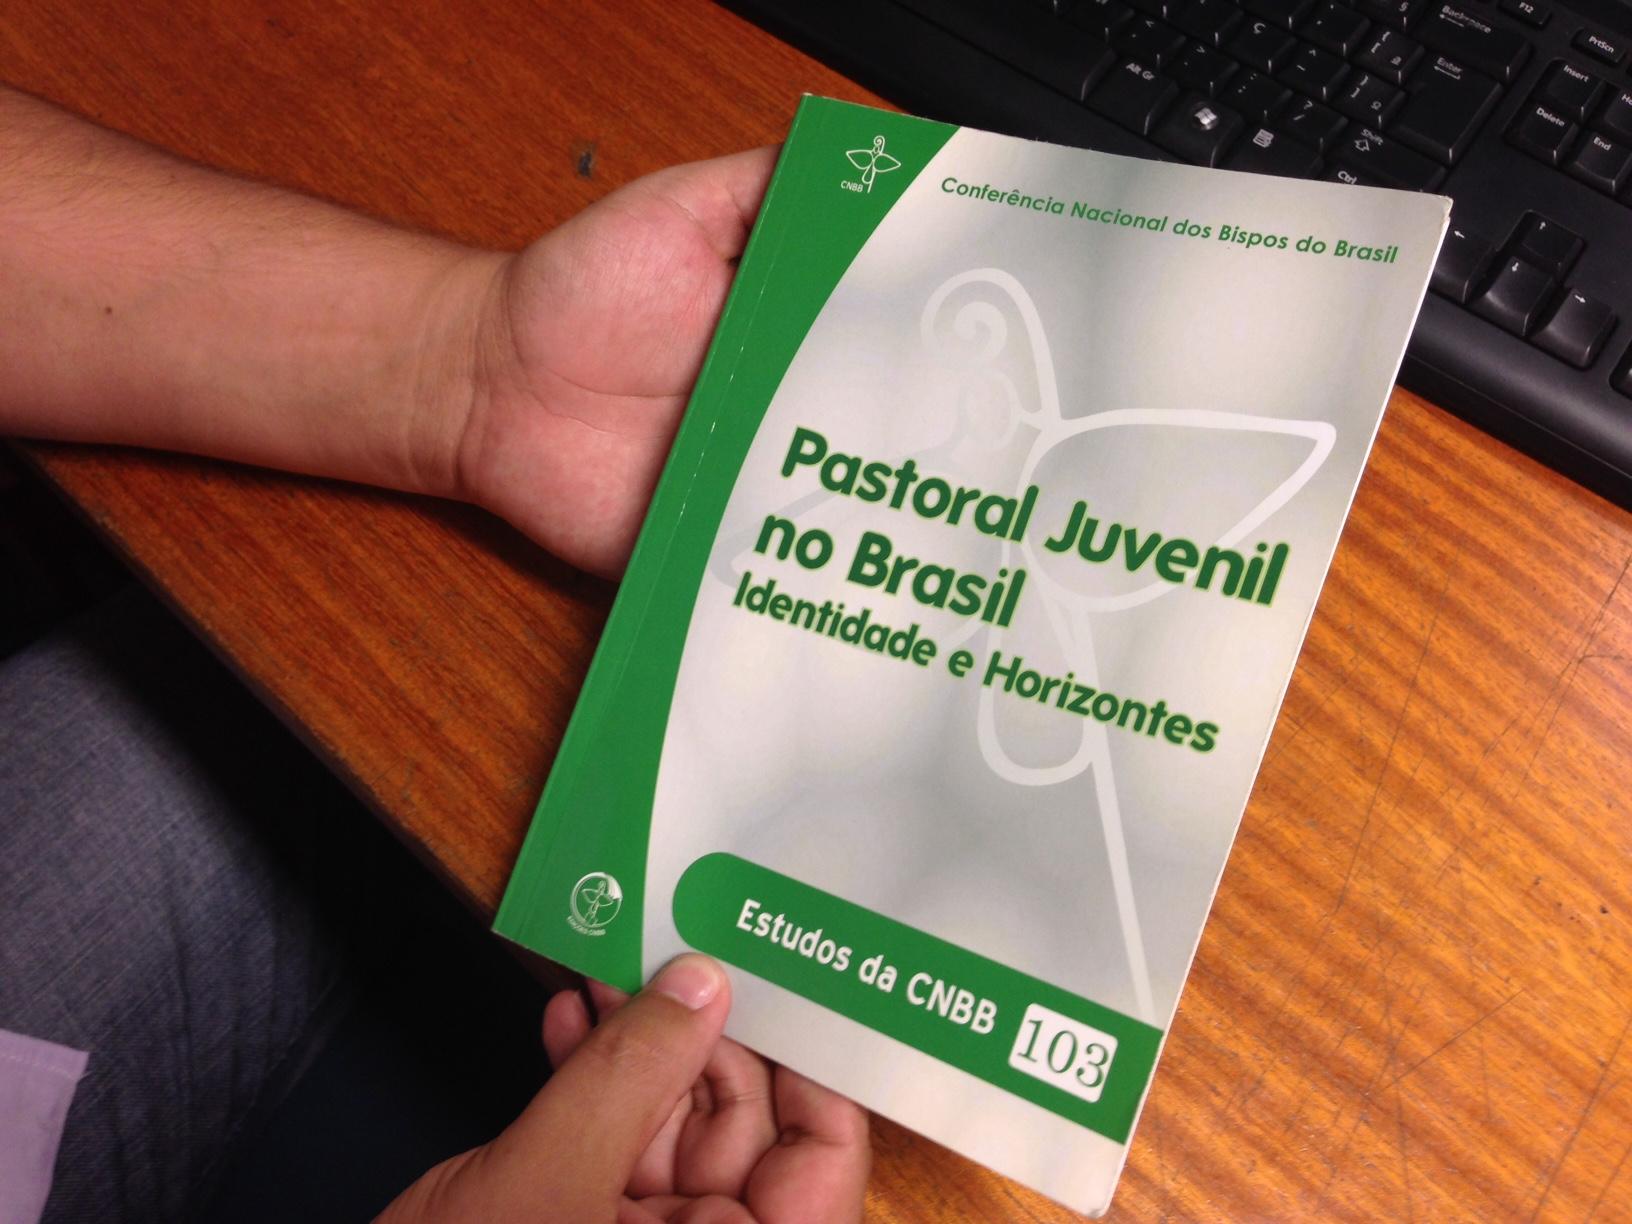 Conversão pastoral: Documento da CNBB orienta responsáveis de juventude que se encontrarão no final de semana, em Brasília